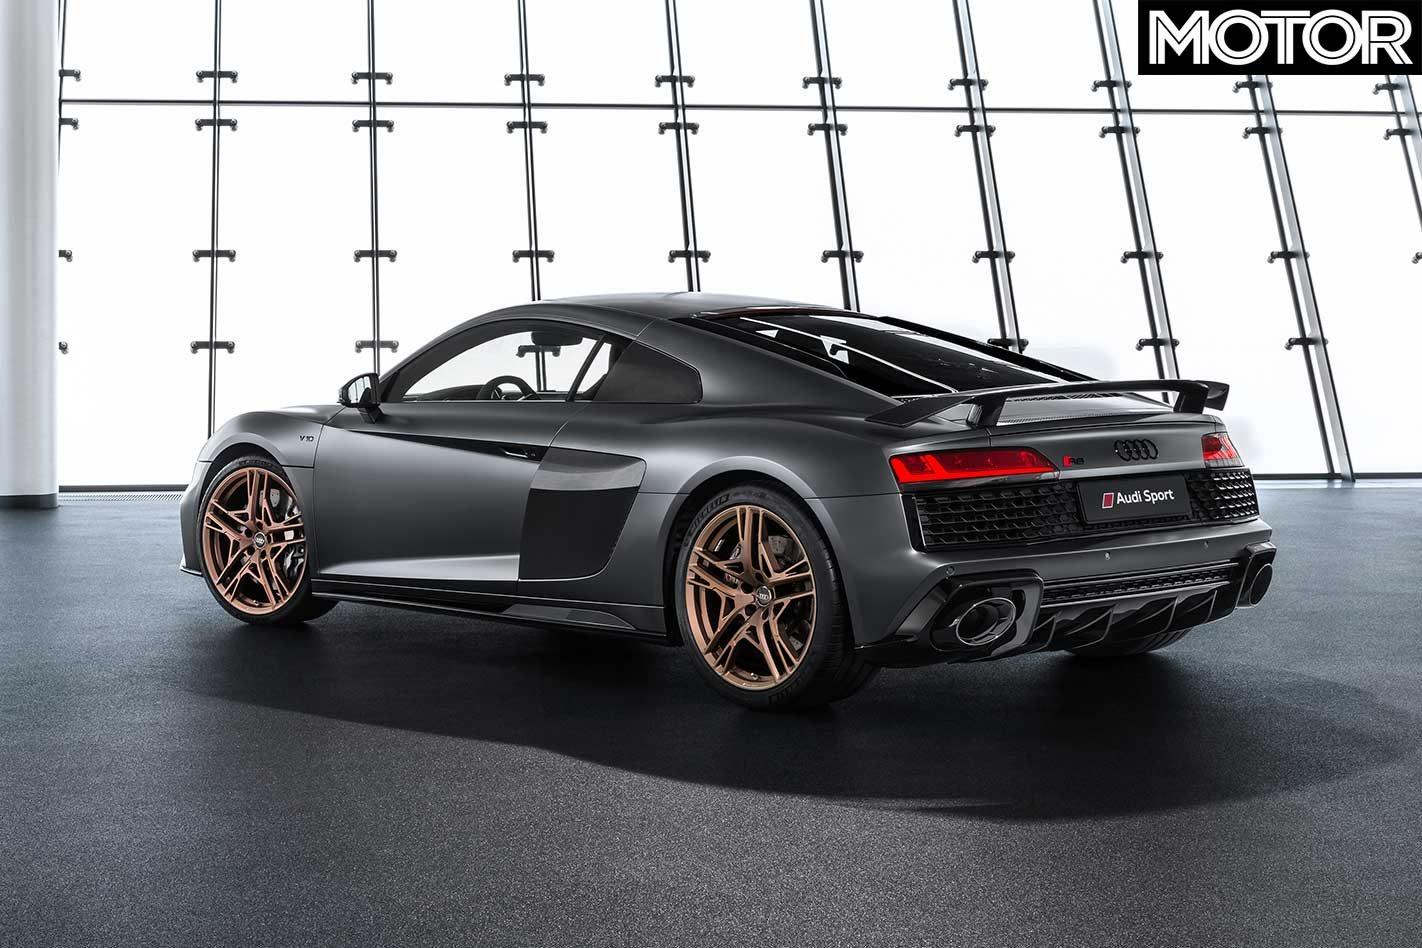 2019 Audi R8 V10 Decennium Celebrates Decade Of Audi V10